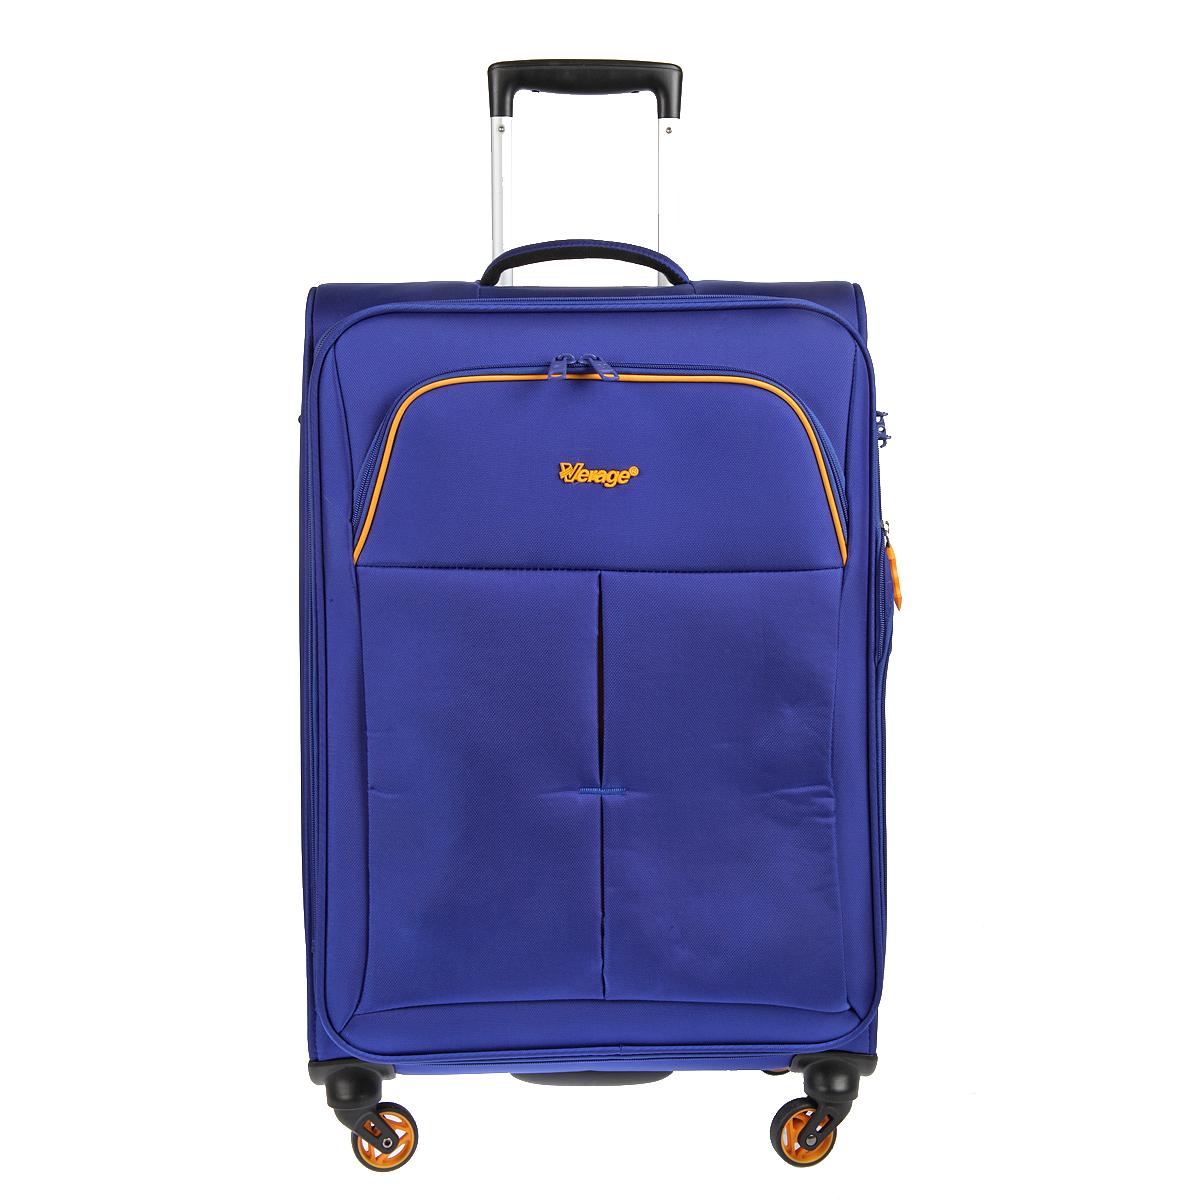 Чемодан-тележка Verage, цвет: синий, 58 л. GM14040w 24ГризлиЧемодан-тележка Verage оснащен четырьмя колесиками 360°, верхней мягкой ручкой. Закрывается по периметру на двухстороннюю молнию. Сбоку и сверху расположены ручки, обеспечивающие удобство транспортировки. Внутри один отдел для одежды и один сетчатый карман на молнии. Снаружи на передней стенке карман на молнии. Возможность увеличения чемодана на 20% (за счет молнии). Встроенный кодовый замок с функцией TSAТакже имеется выдвижная ручка, максимальная высота 47 см.